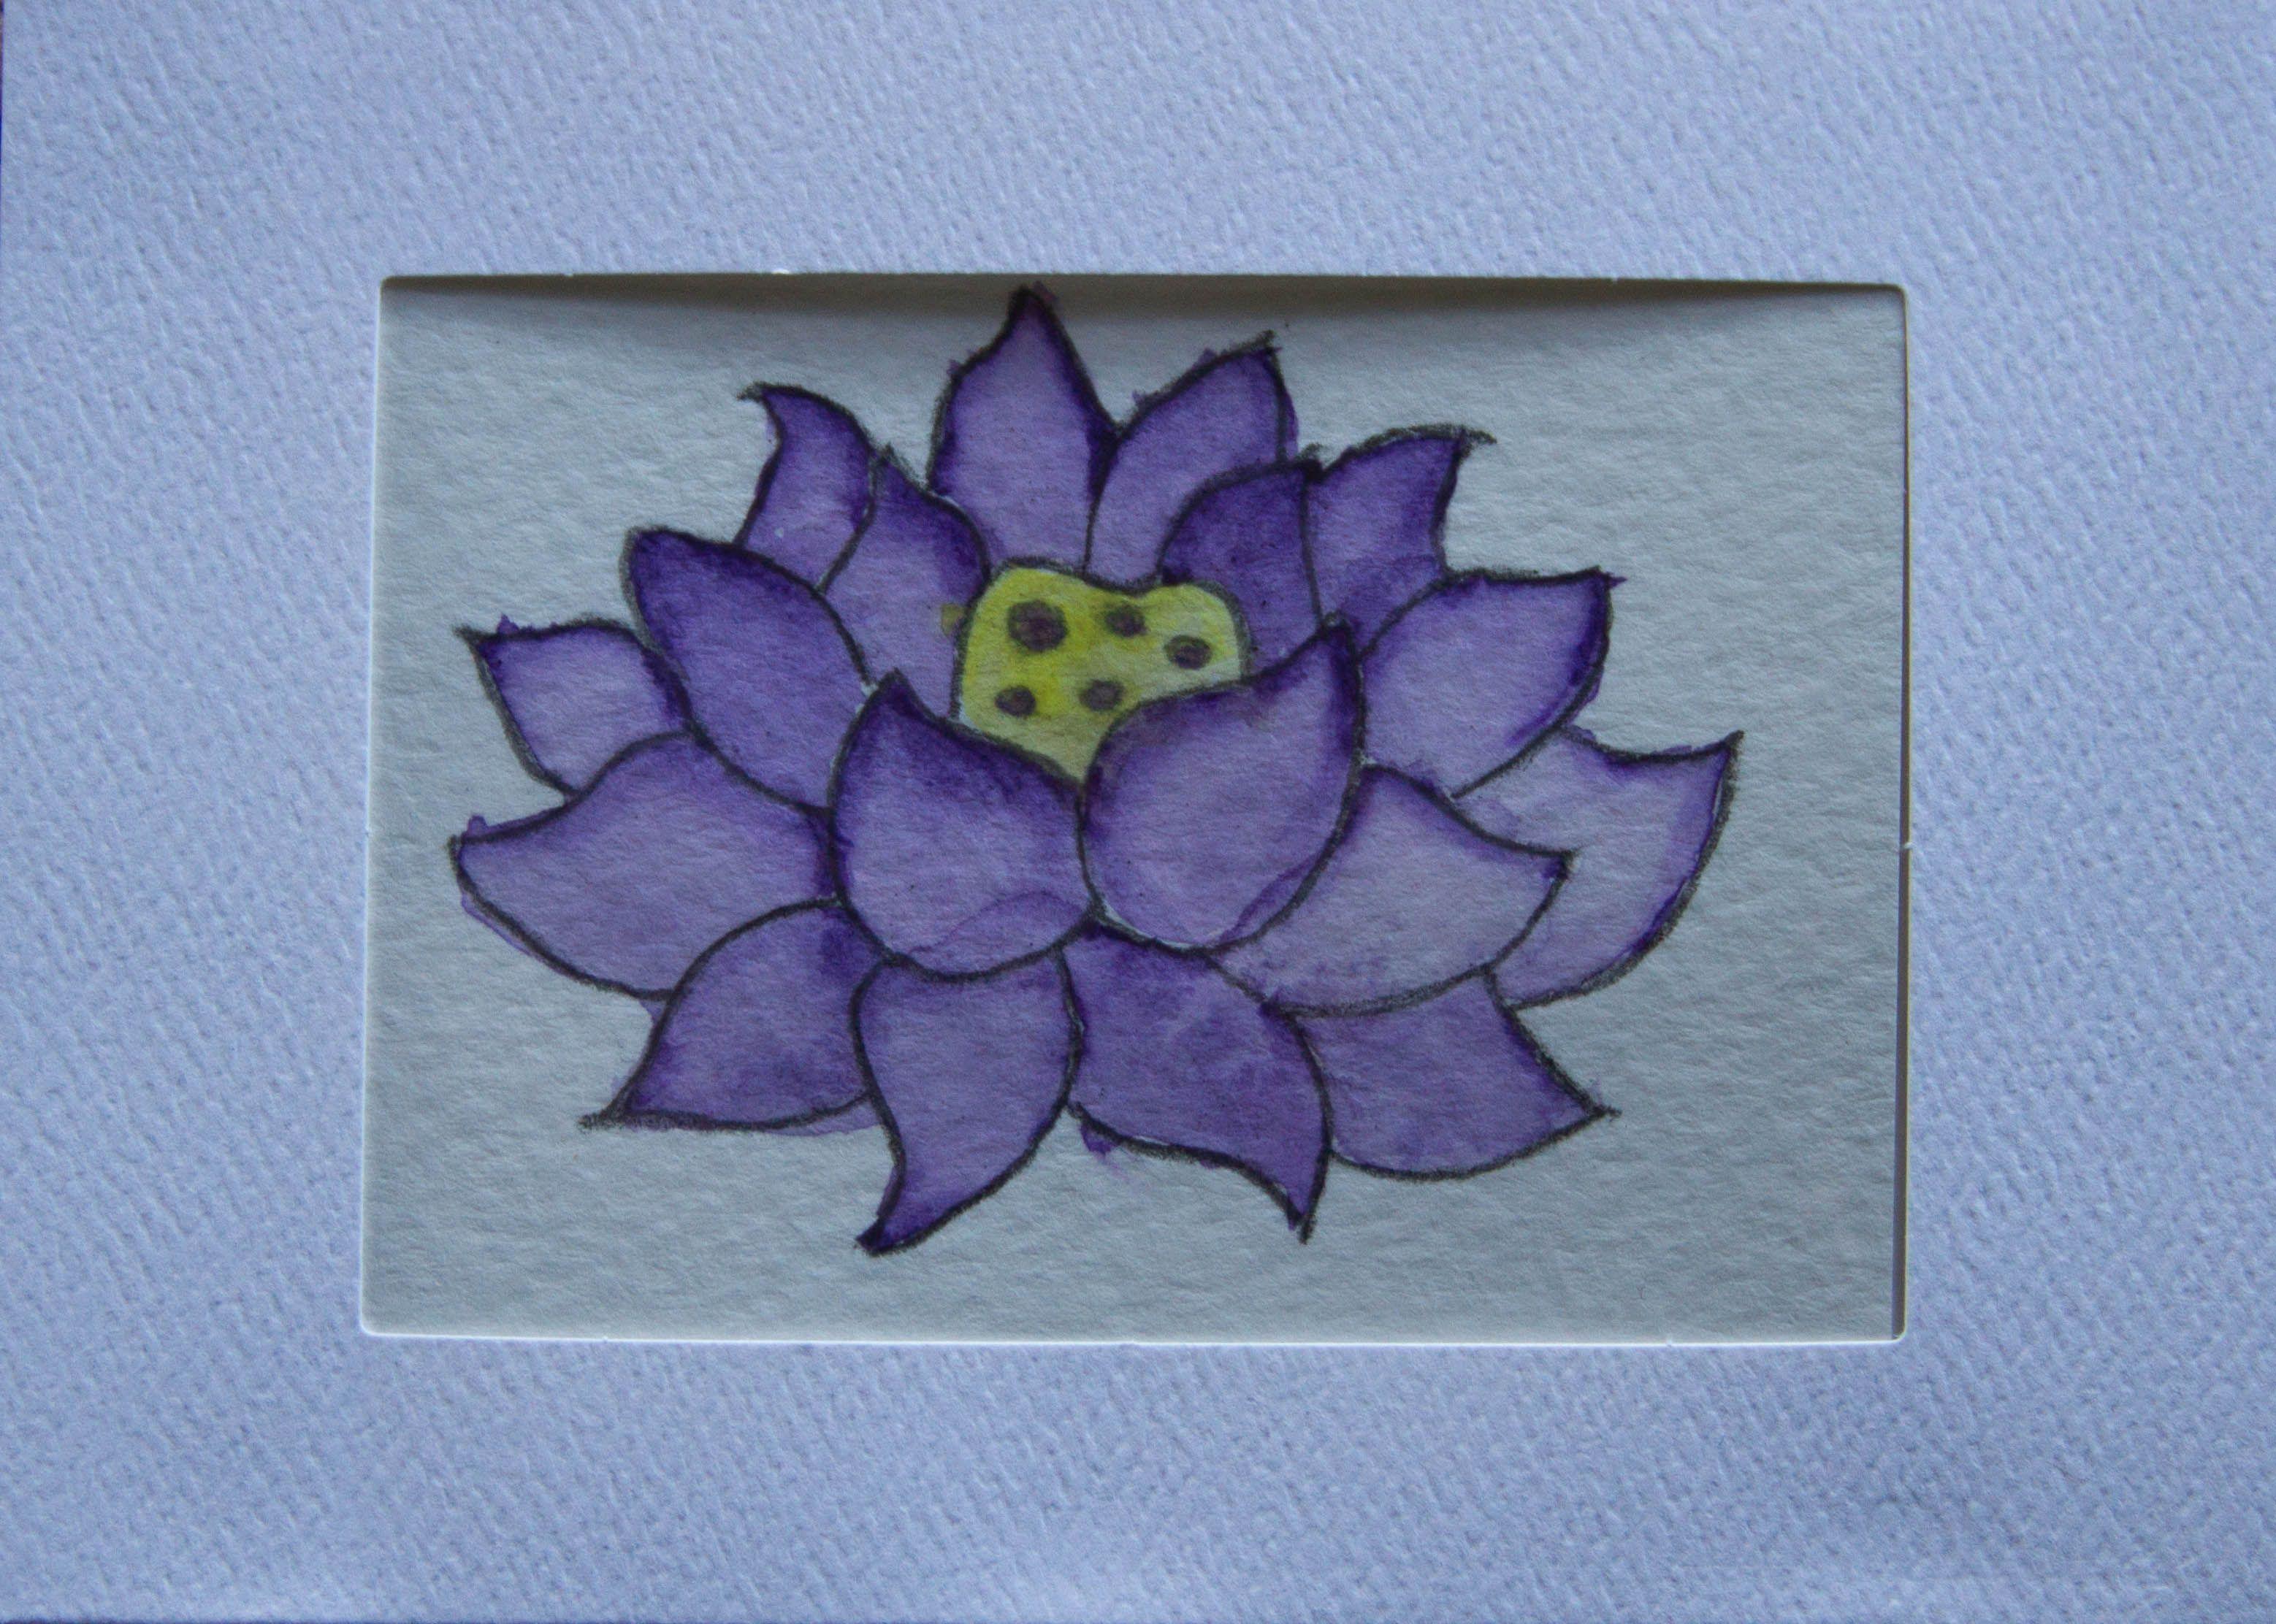 Lotus flower art work things i like pinterest lotus flower art lotus flower art work izmirmasajfo